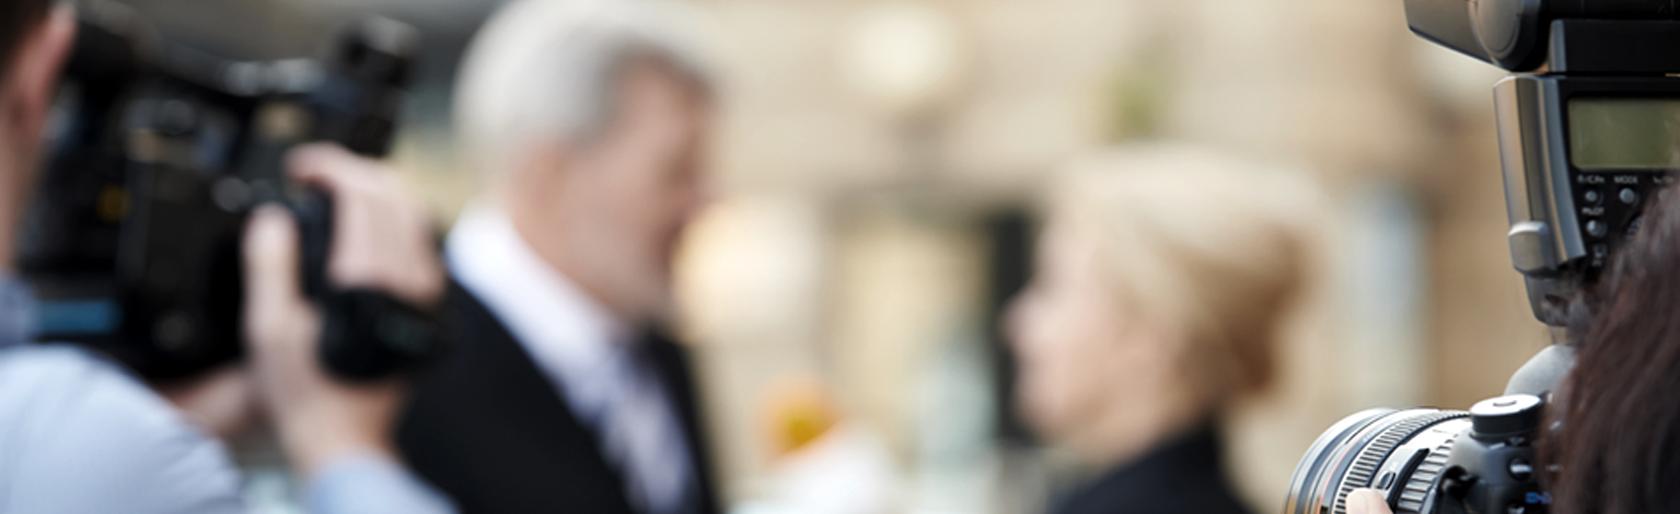 4 dicas essenciais para um vídeo corporativo de sucesso